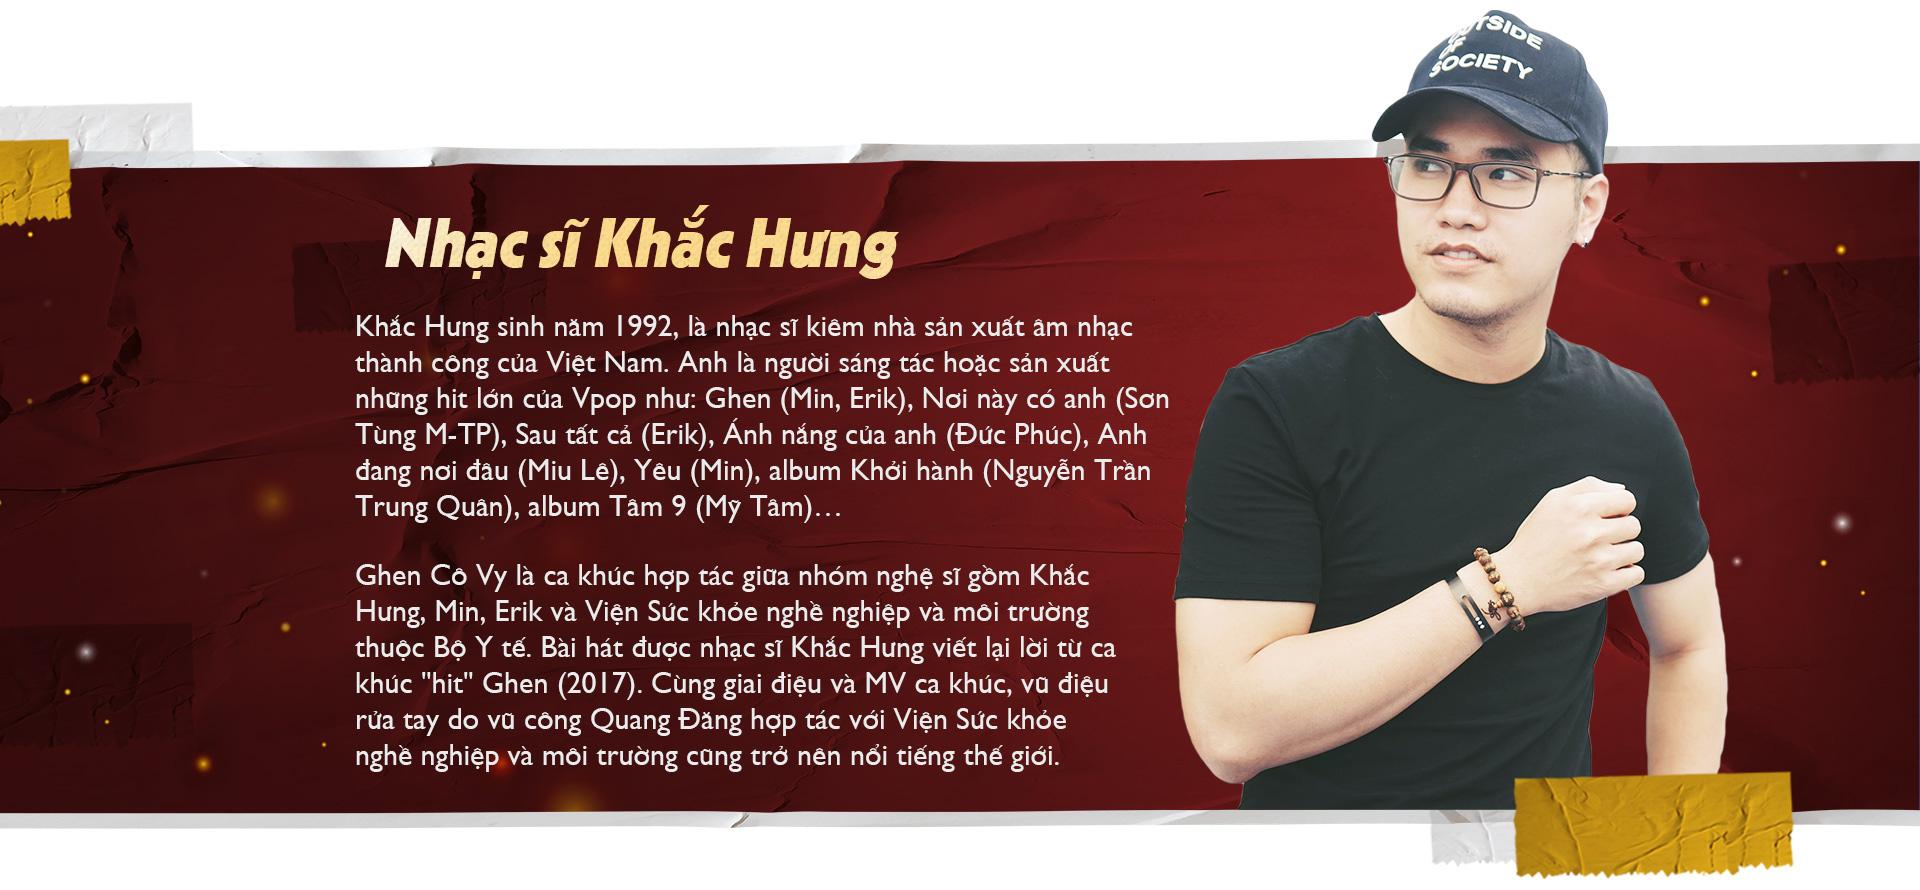 Tác giả Ghen Cô Vy: Nhạc của tôi mang linh hồn Việt song không khác gì nhạc tiếng Anh - Ảnh 5.